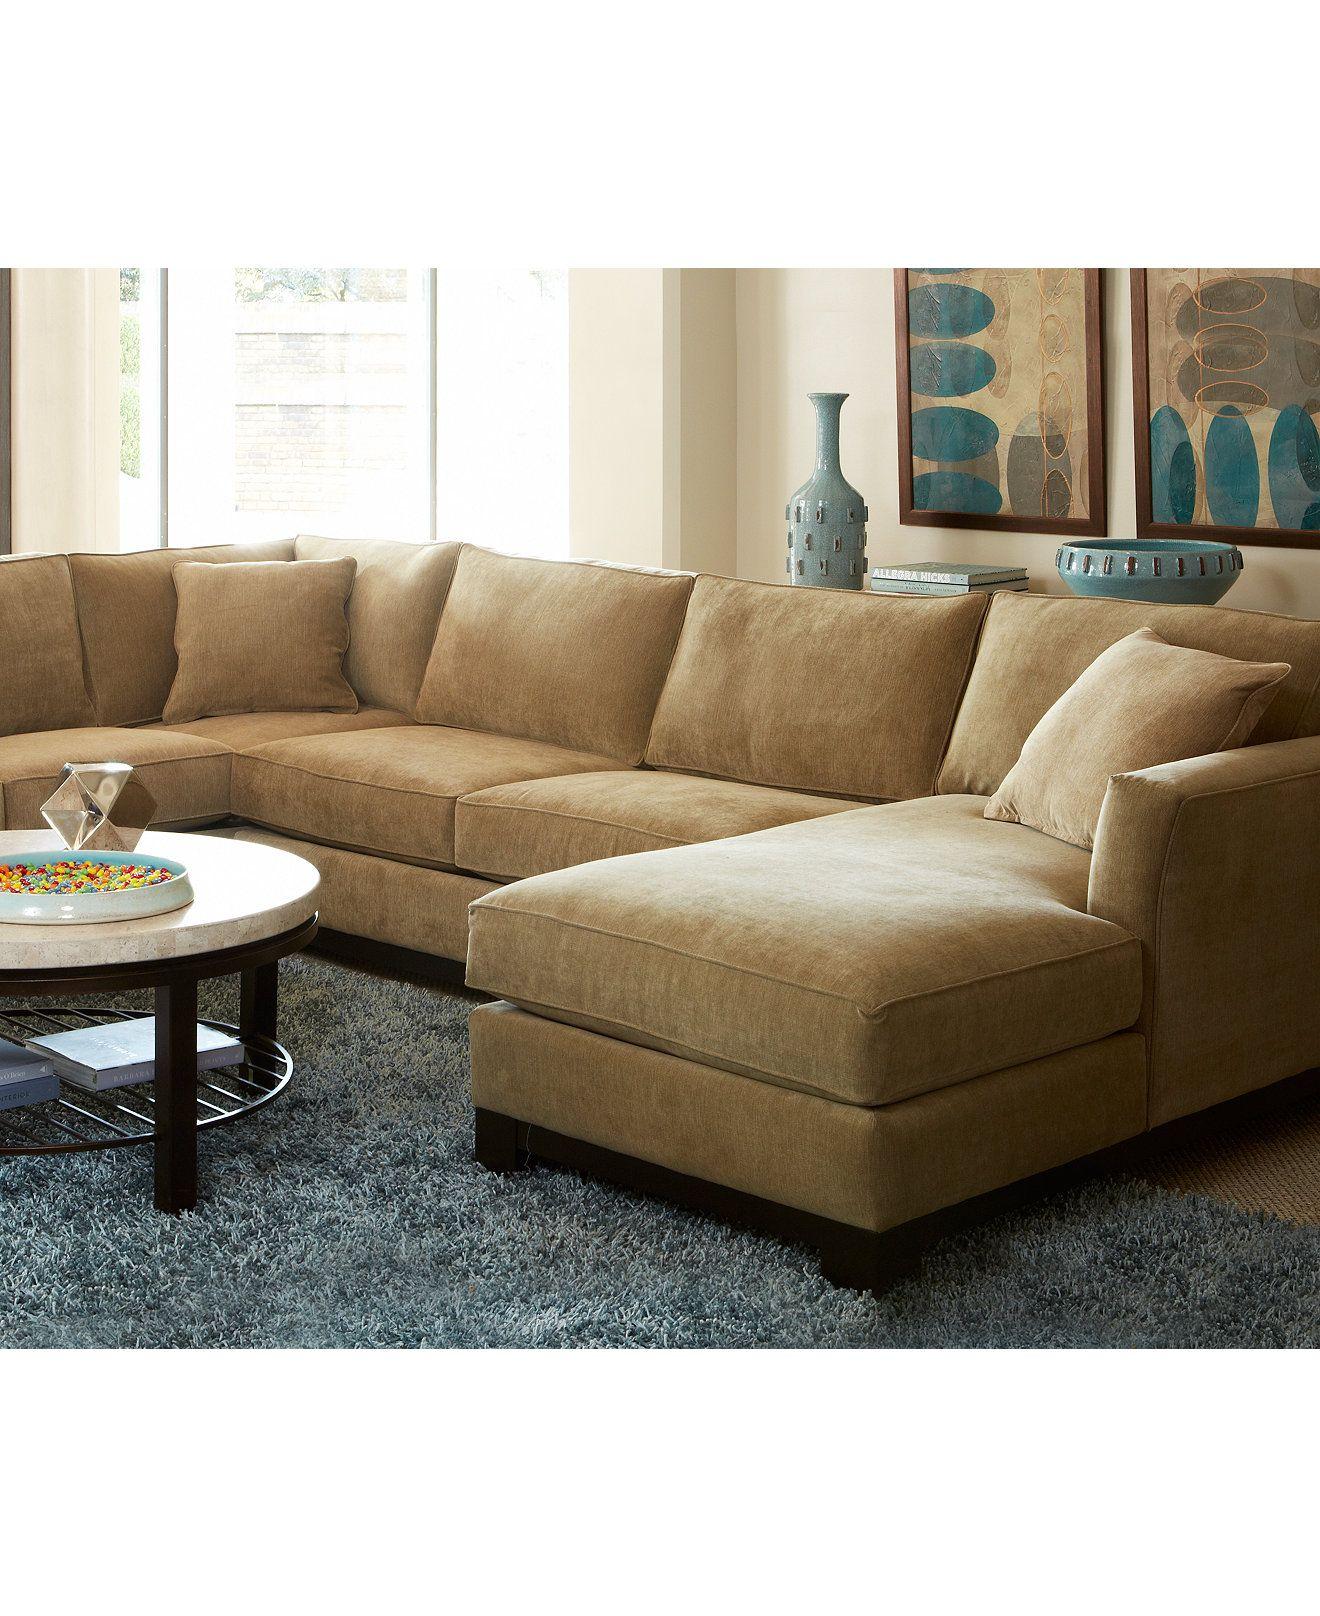 49++ Macys furniture sale living room ideas